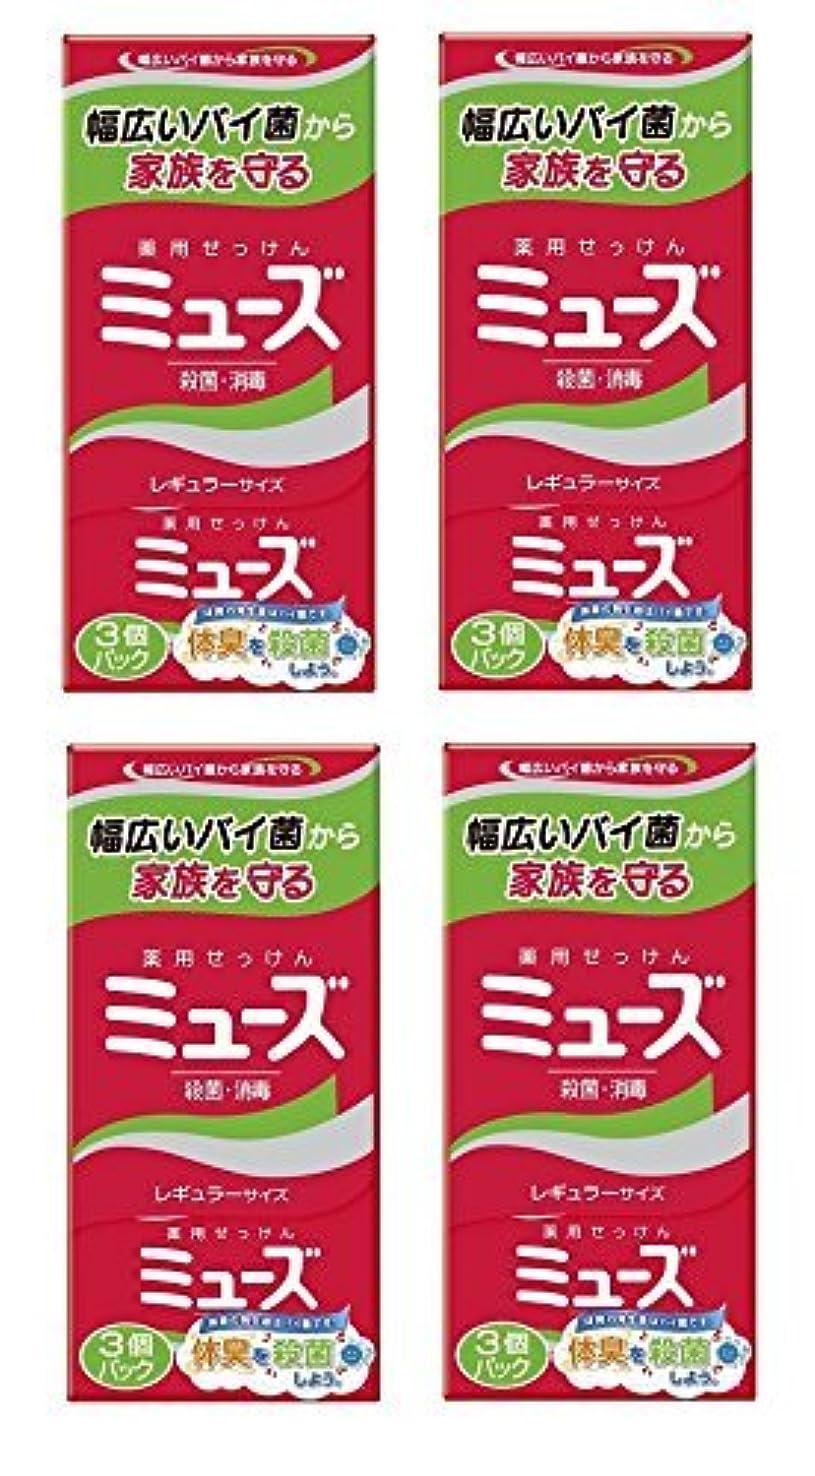 ハンバーガーロケーション宝【まとめ買い】ミューズ石鹸 レギュラー 95g×3個パック×4セット